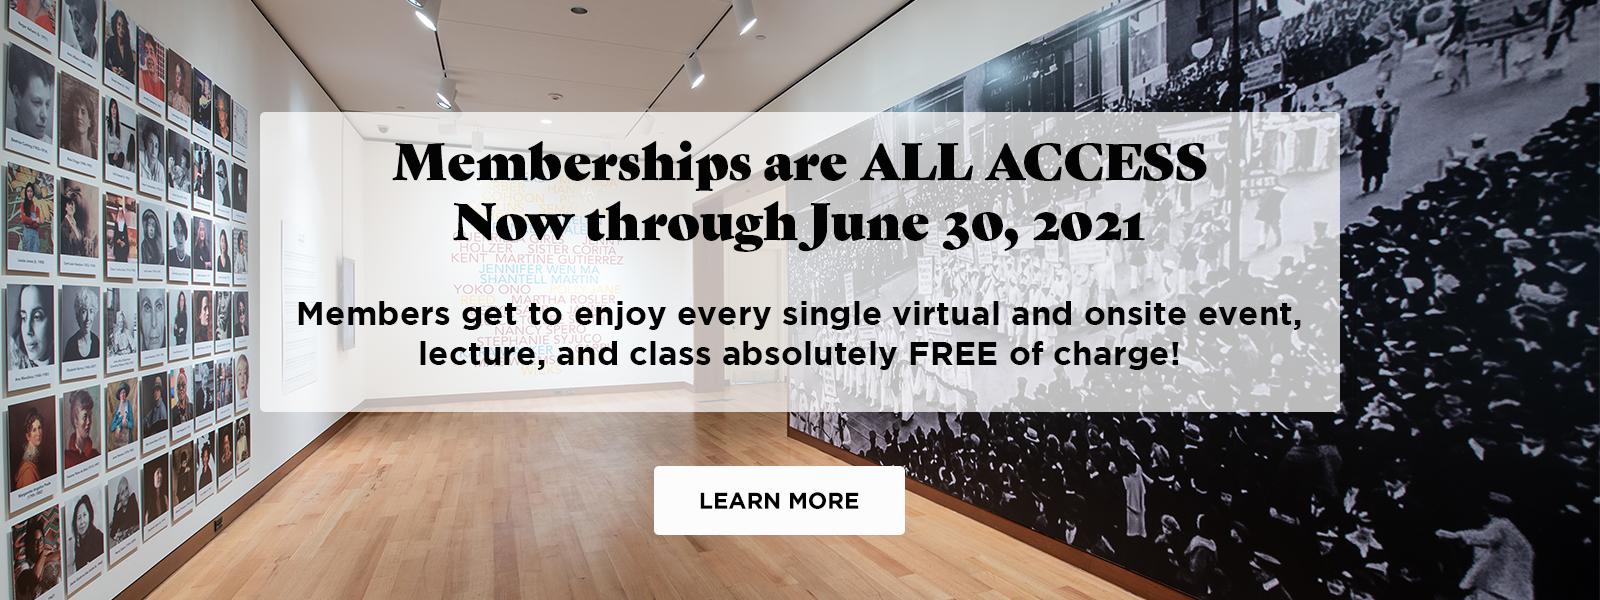 Membership All Access